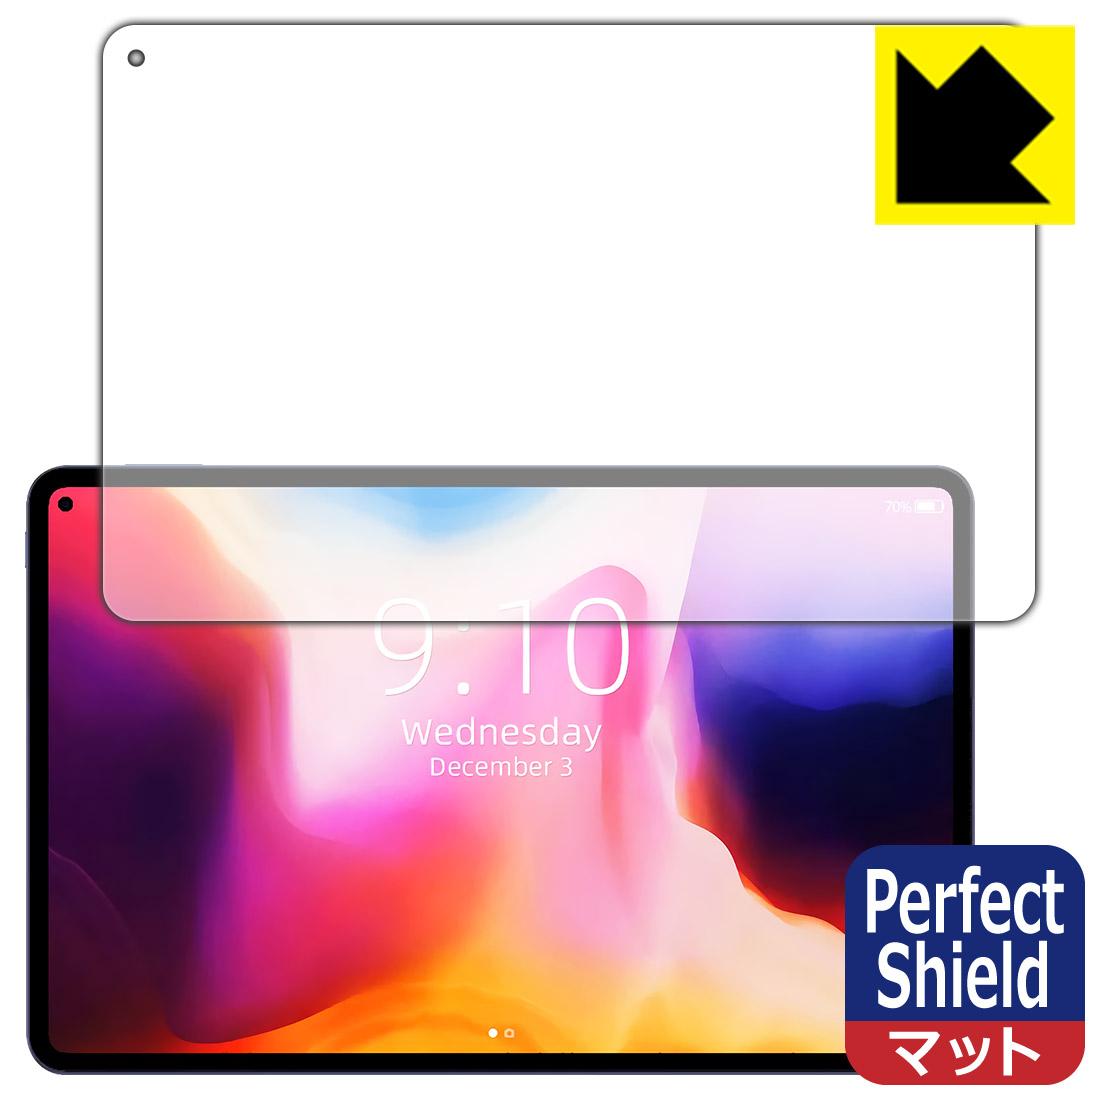 アンチグレアタイプ 期間限定お試し価格 非光沢 CHUWI HiPad 希少 Pro Perfect 保護シート smtb-kd Shield 専用保護フィルム